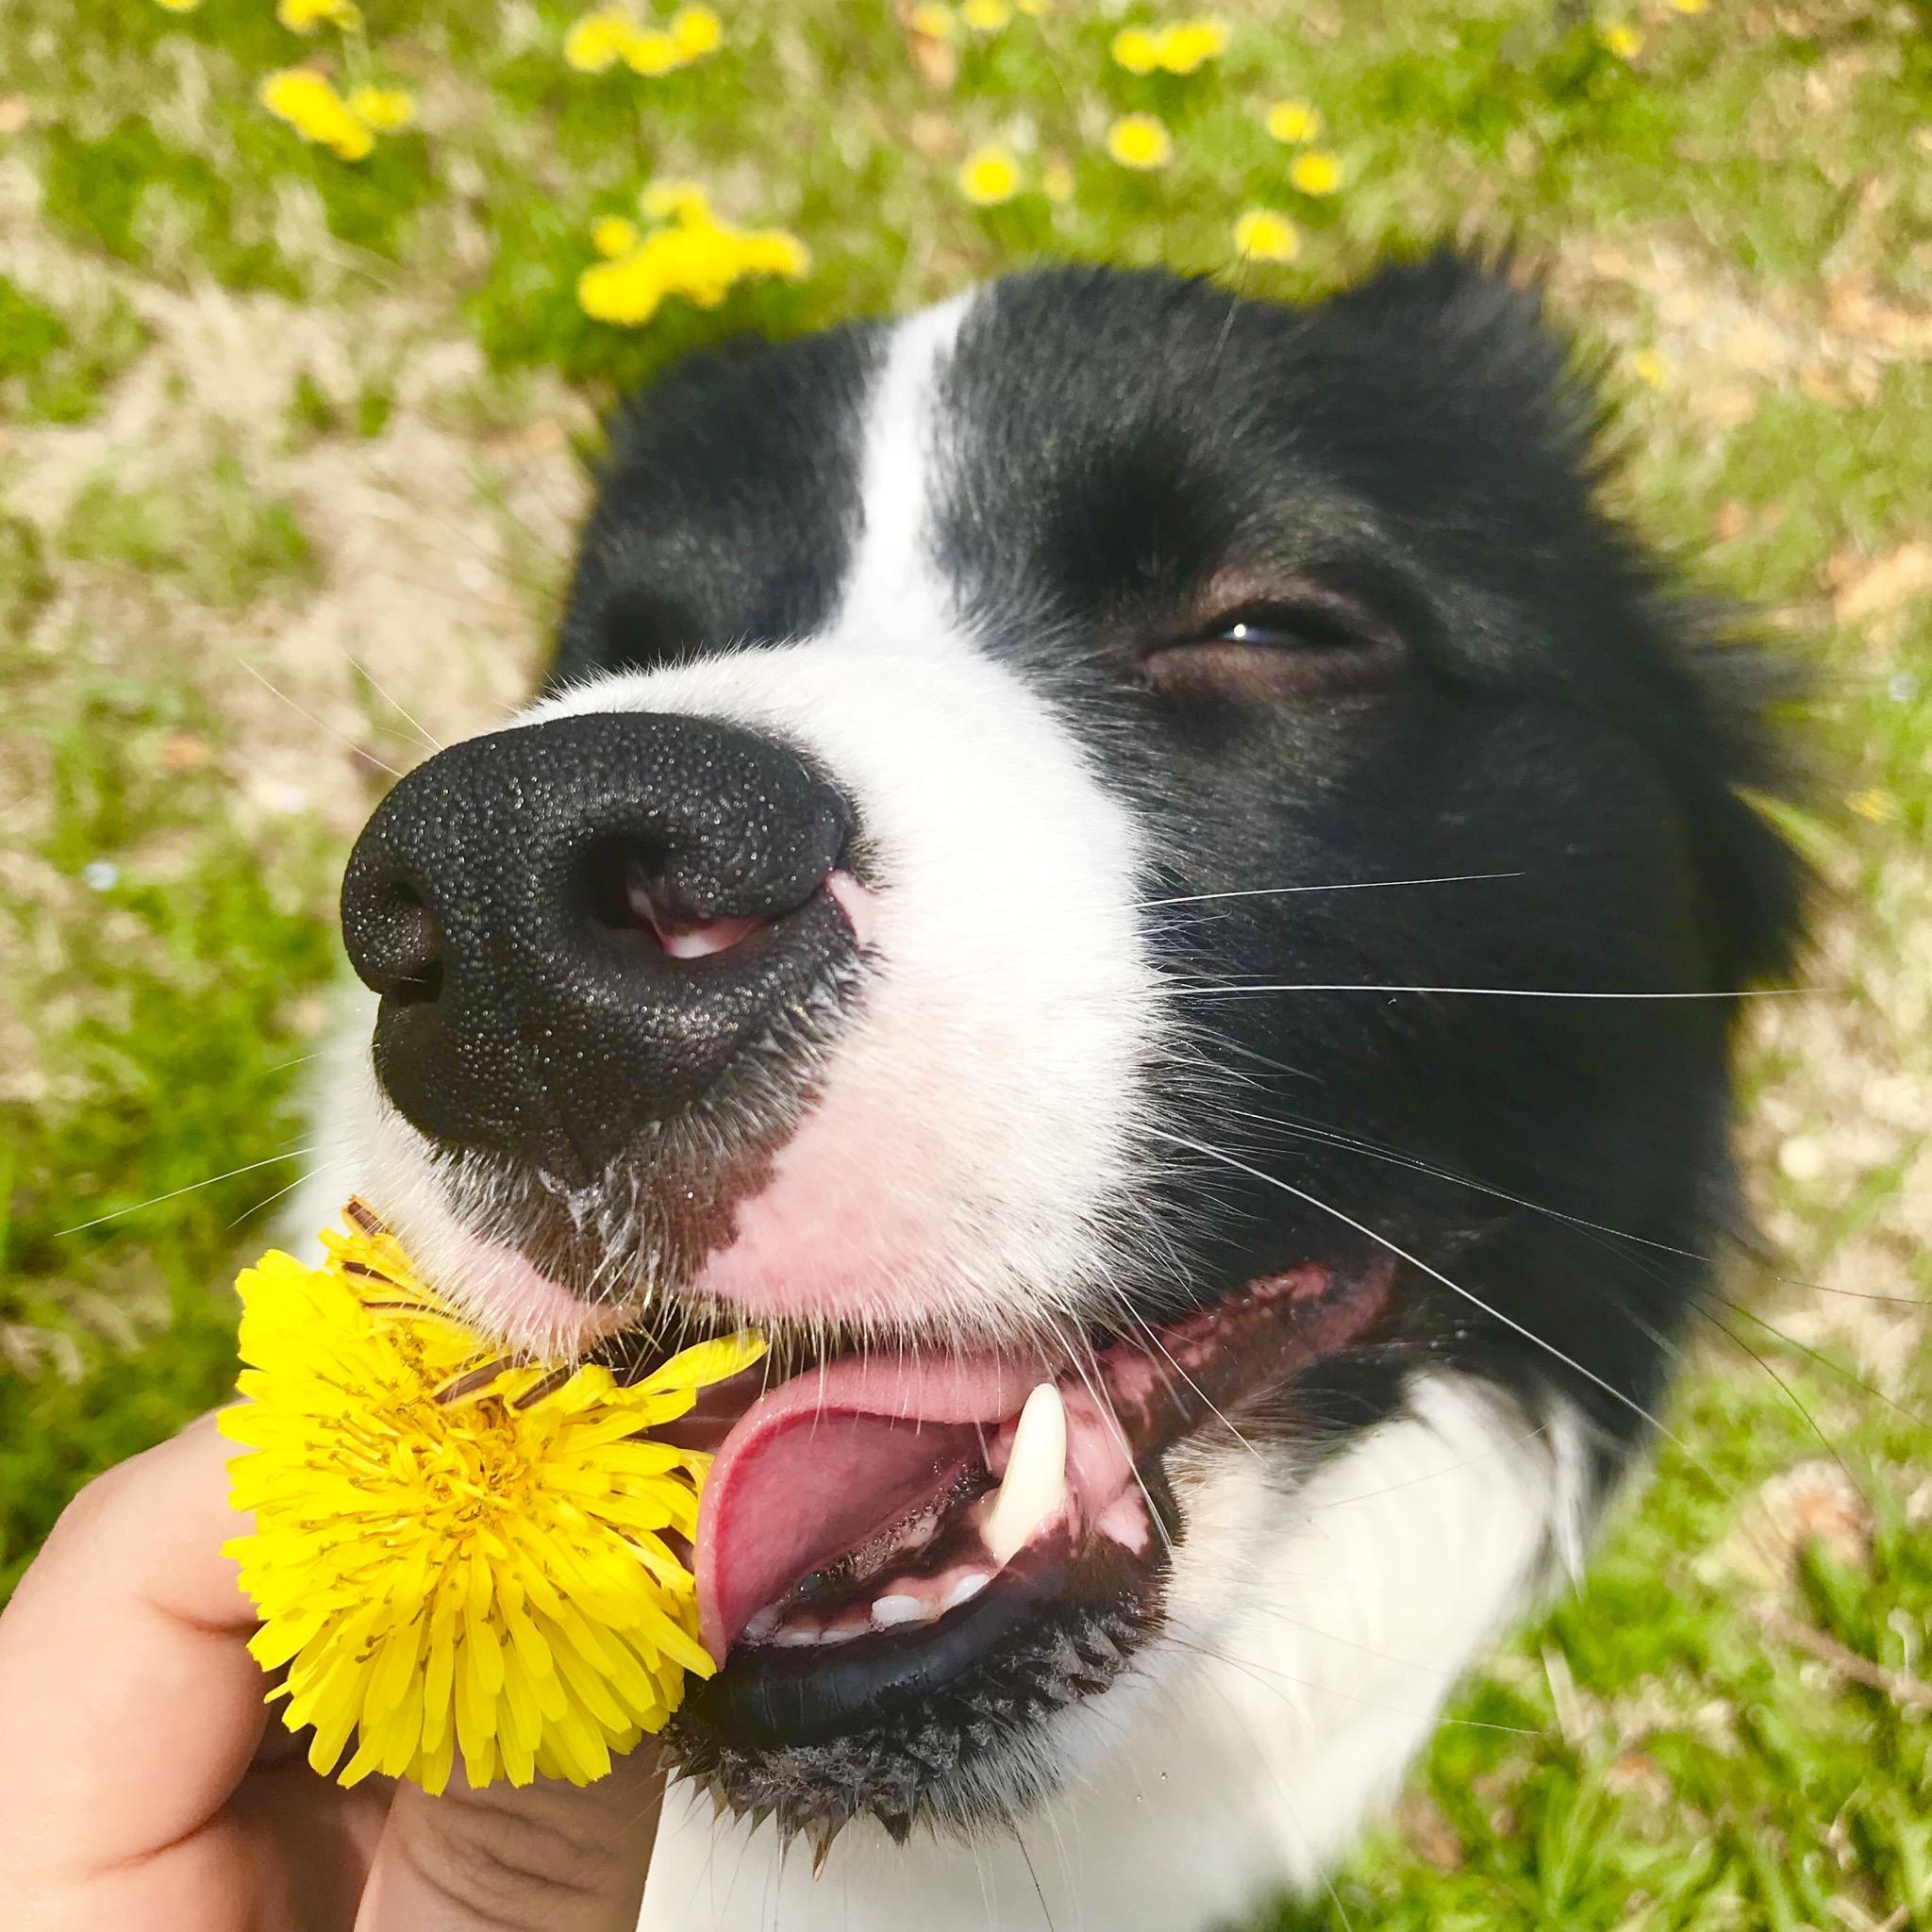 天候を気にせず愛犬と遊びたい!千葉県のイオンPET MALL幕張新都心は、1日中楽しめるお出かけスポット♪【前編】